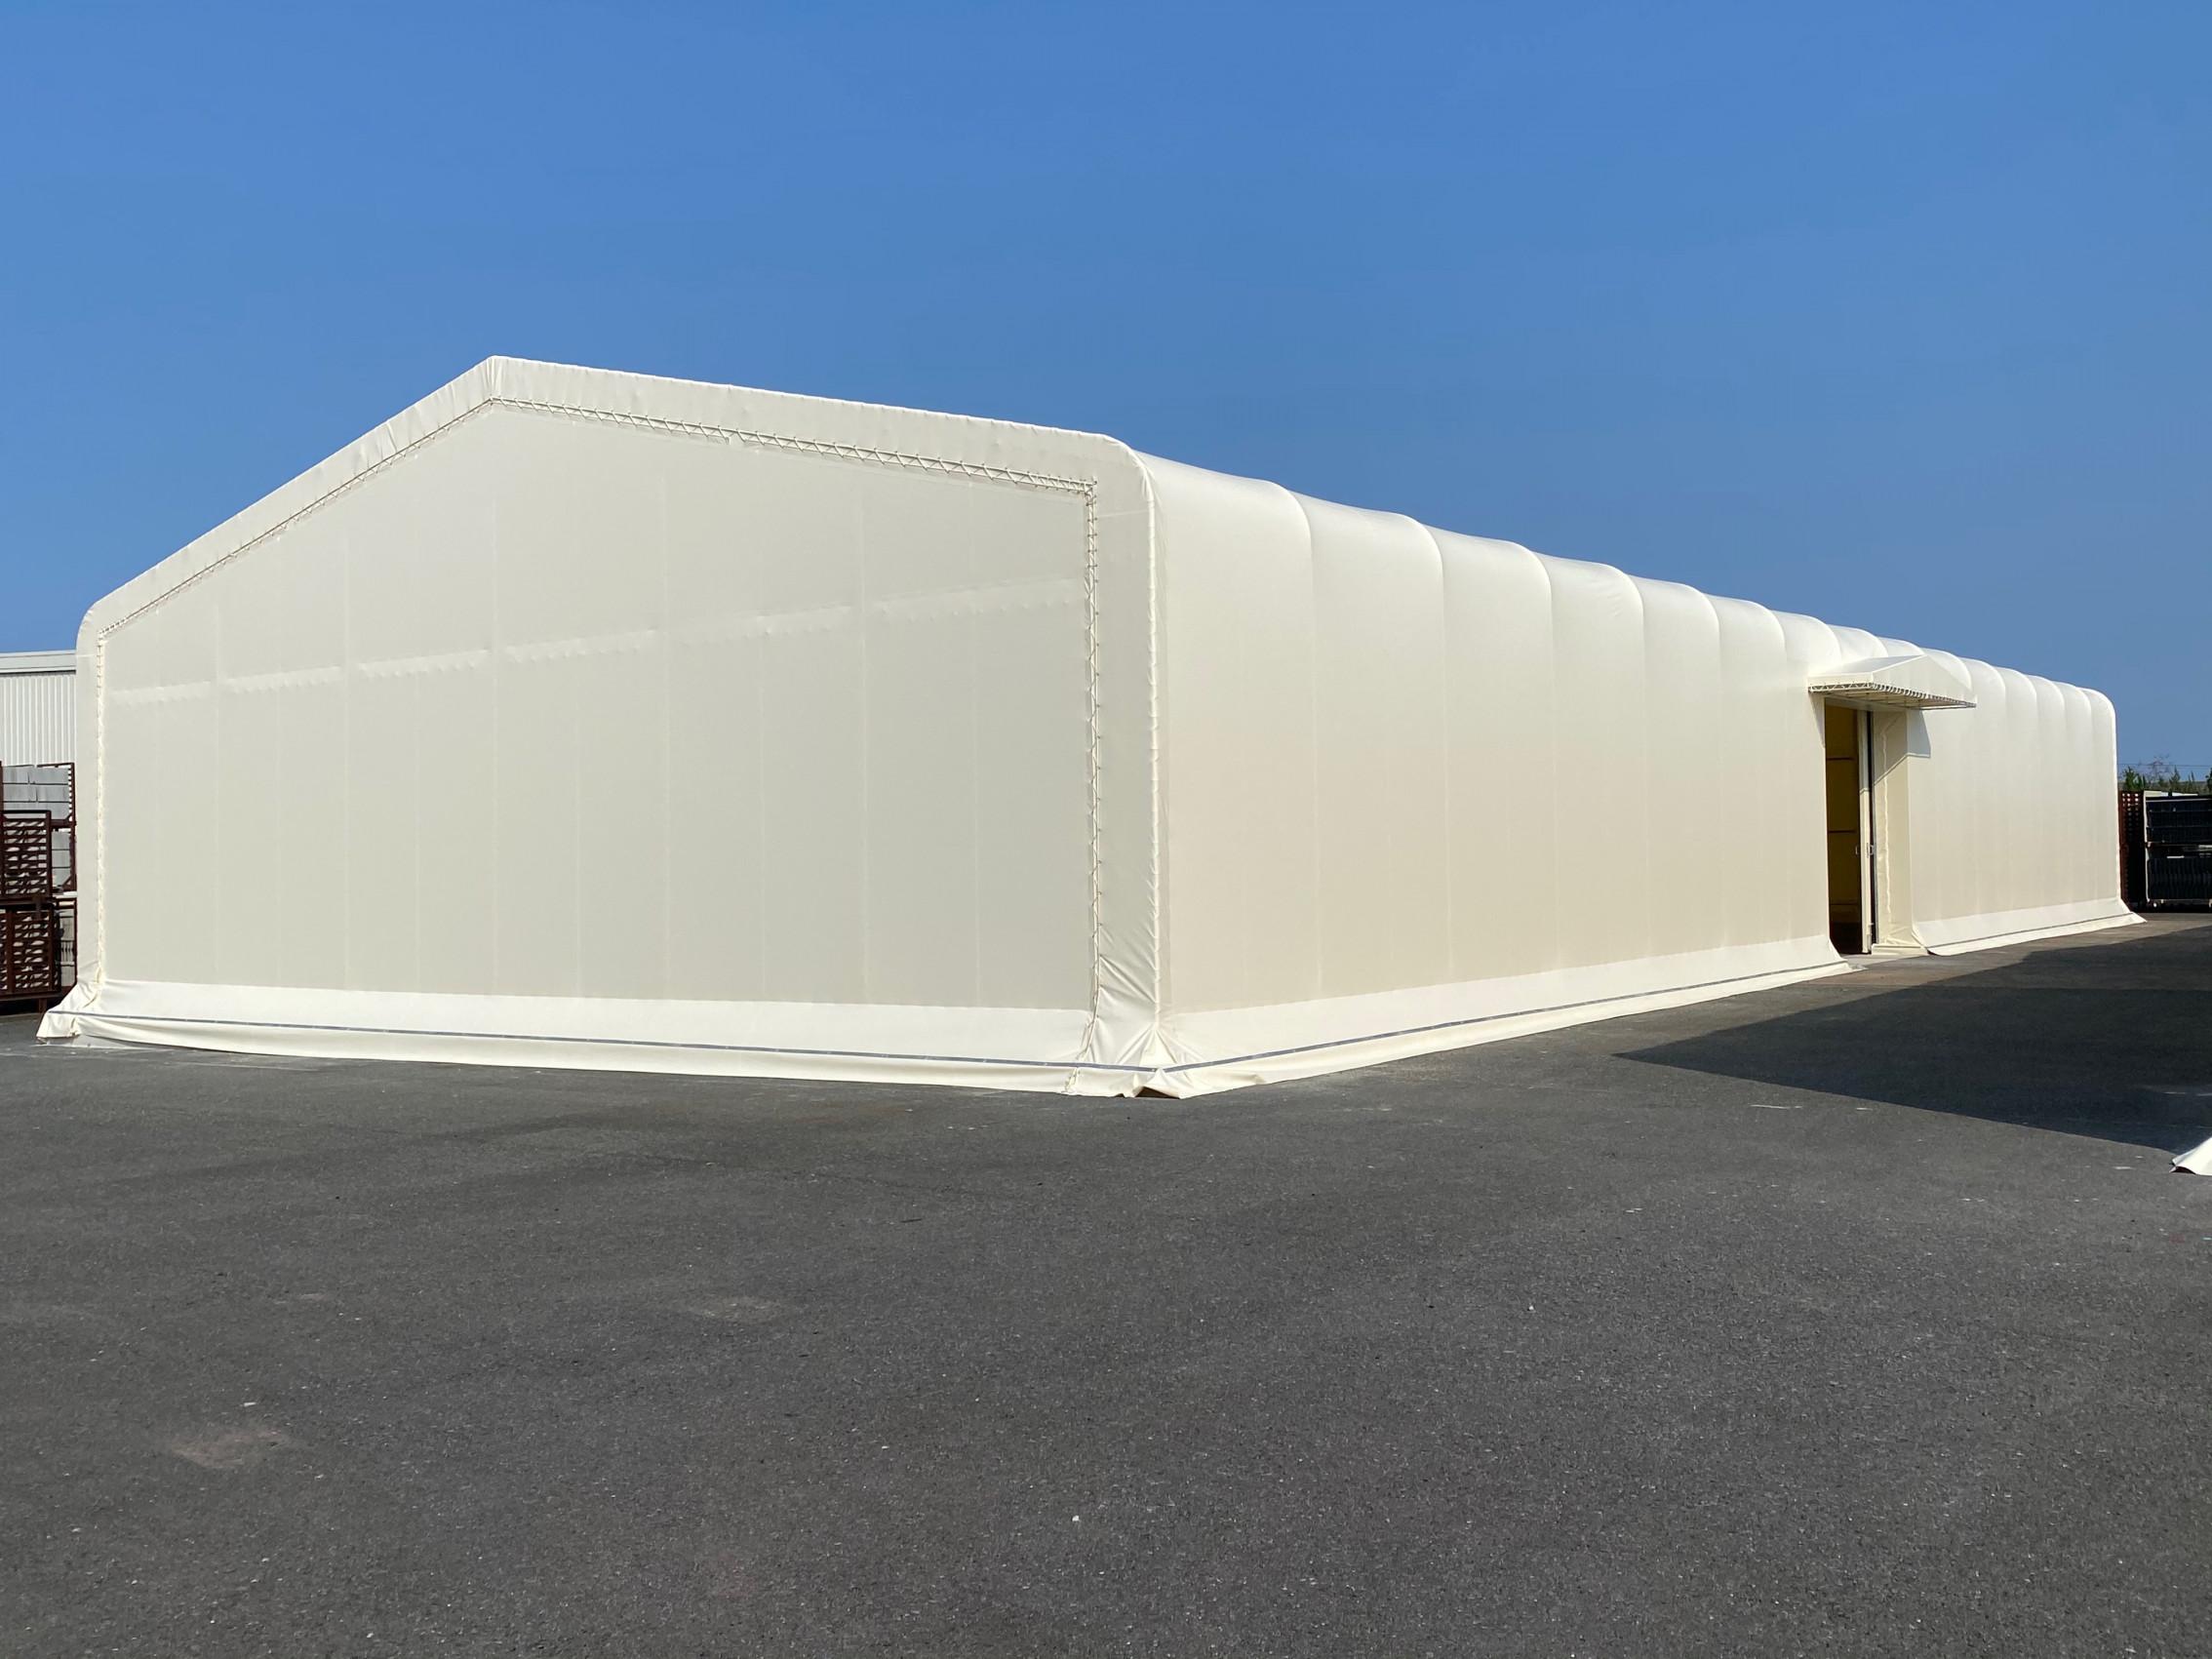 大分県にて テント倉庫 施工させて頂きました!